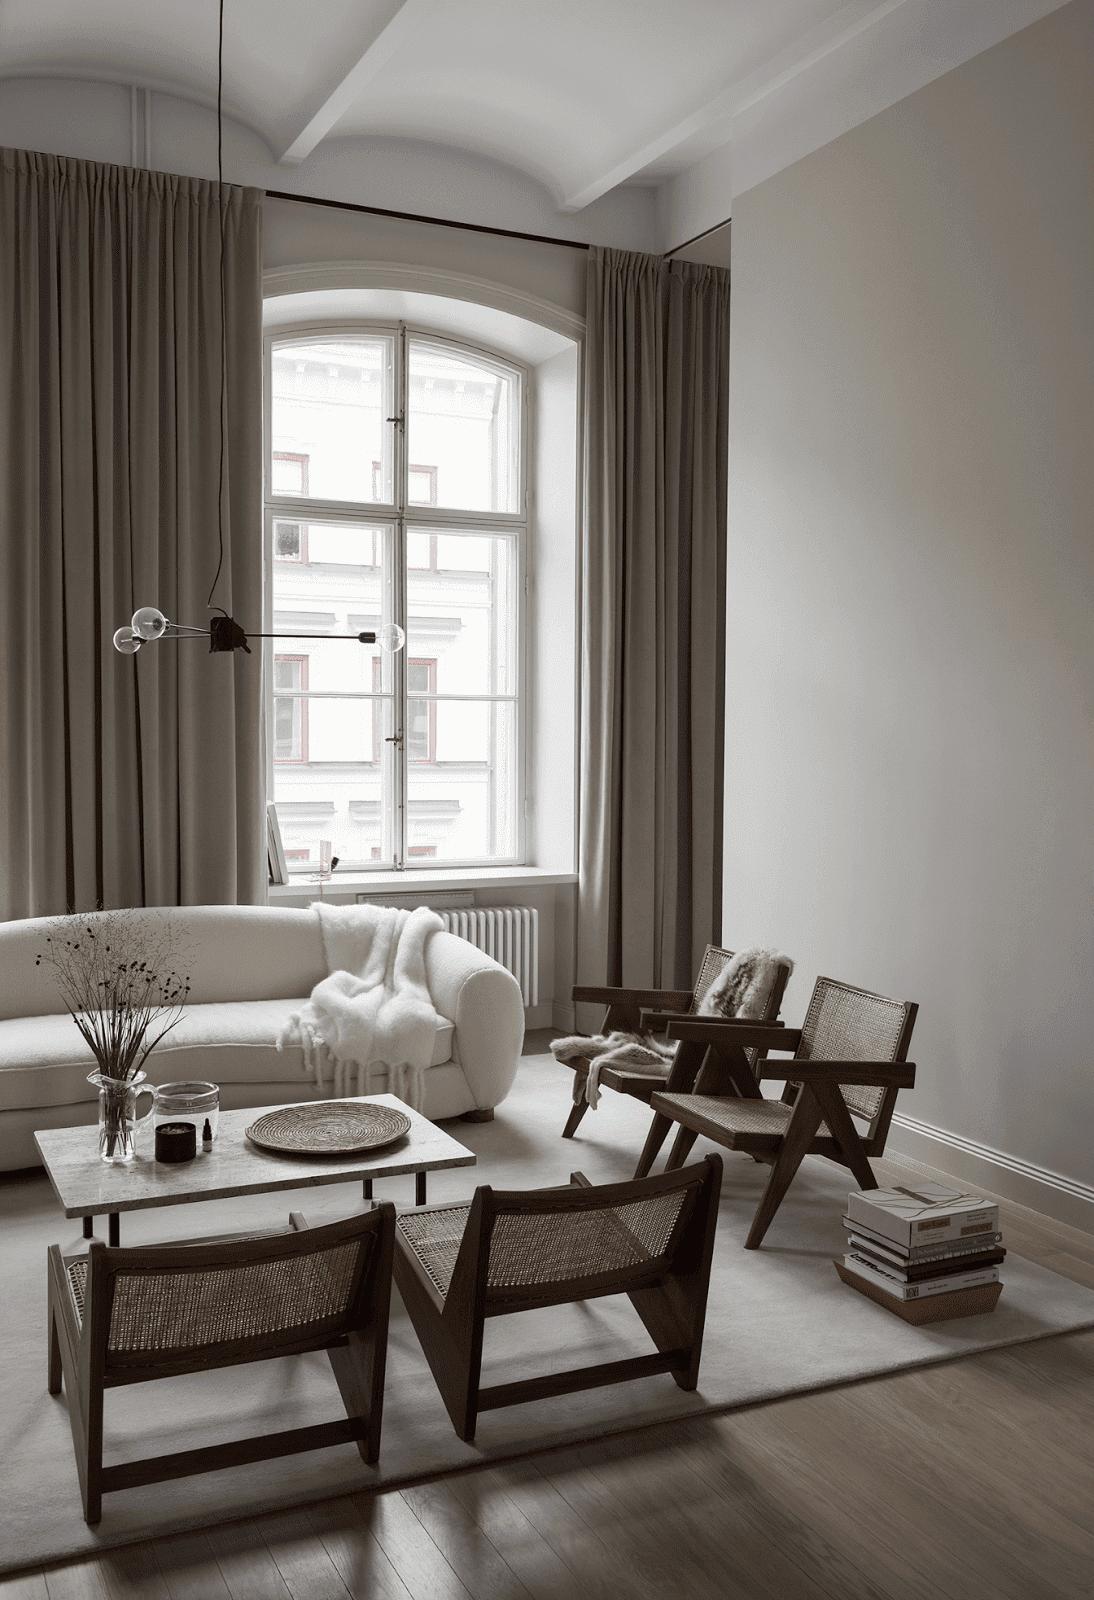 Salon contemporain beige blanc gris textile marbre métal bois